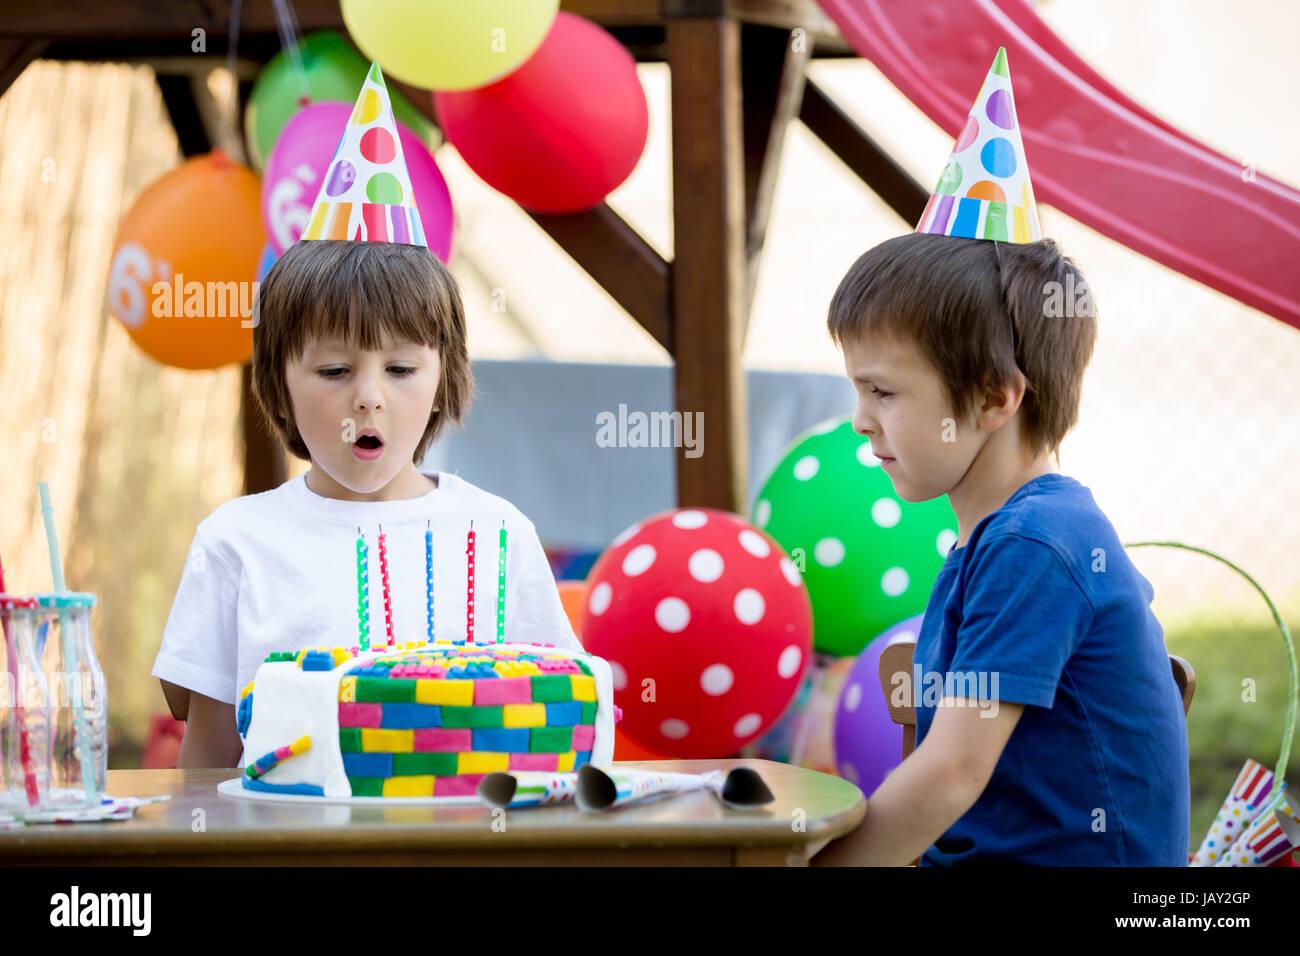 Piccola e dolce bambino, ragazzo, celebra il suo sesto compleanno, torta, palloncini, candele, biscotti. Infanzia Immagini Stock